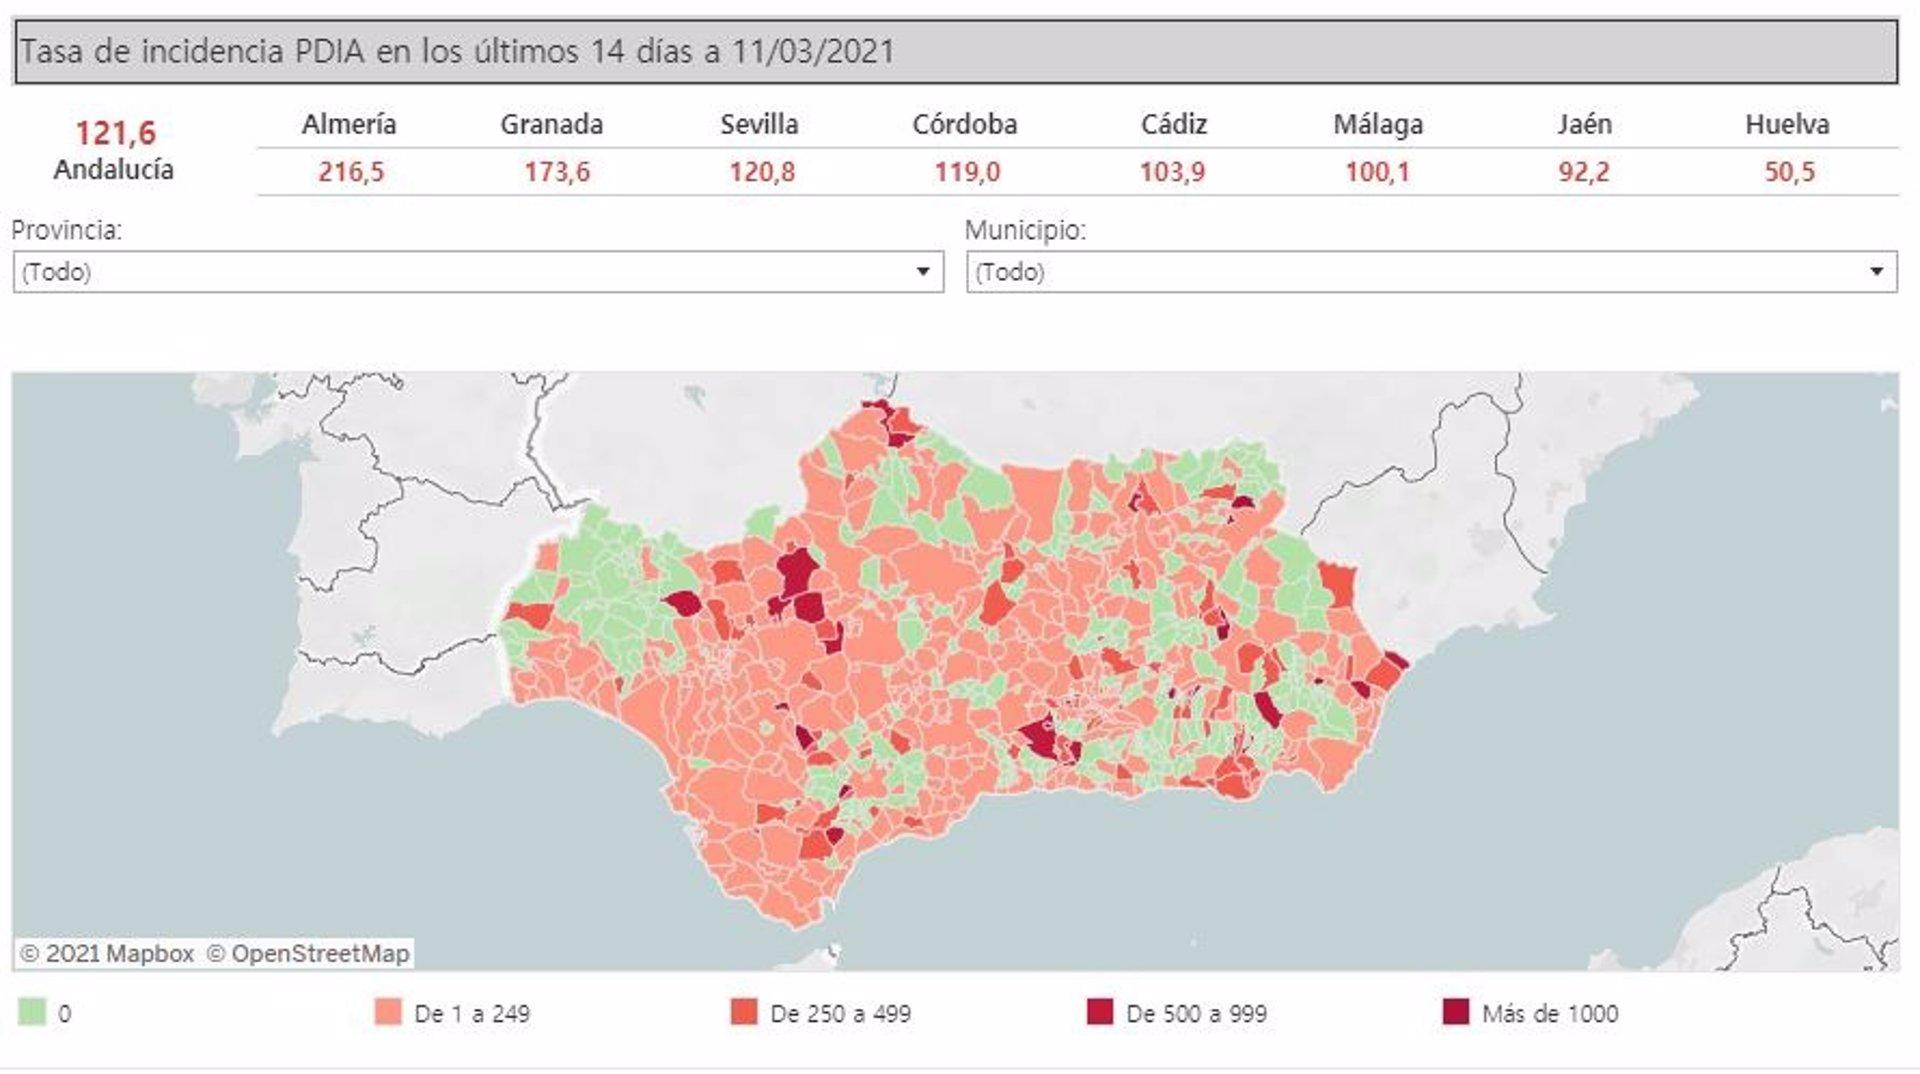 Ocho municipios de la provincia de Granada superan la tasa 500 y tres de ellos la 1000